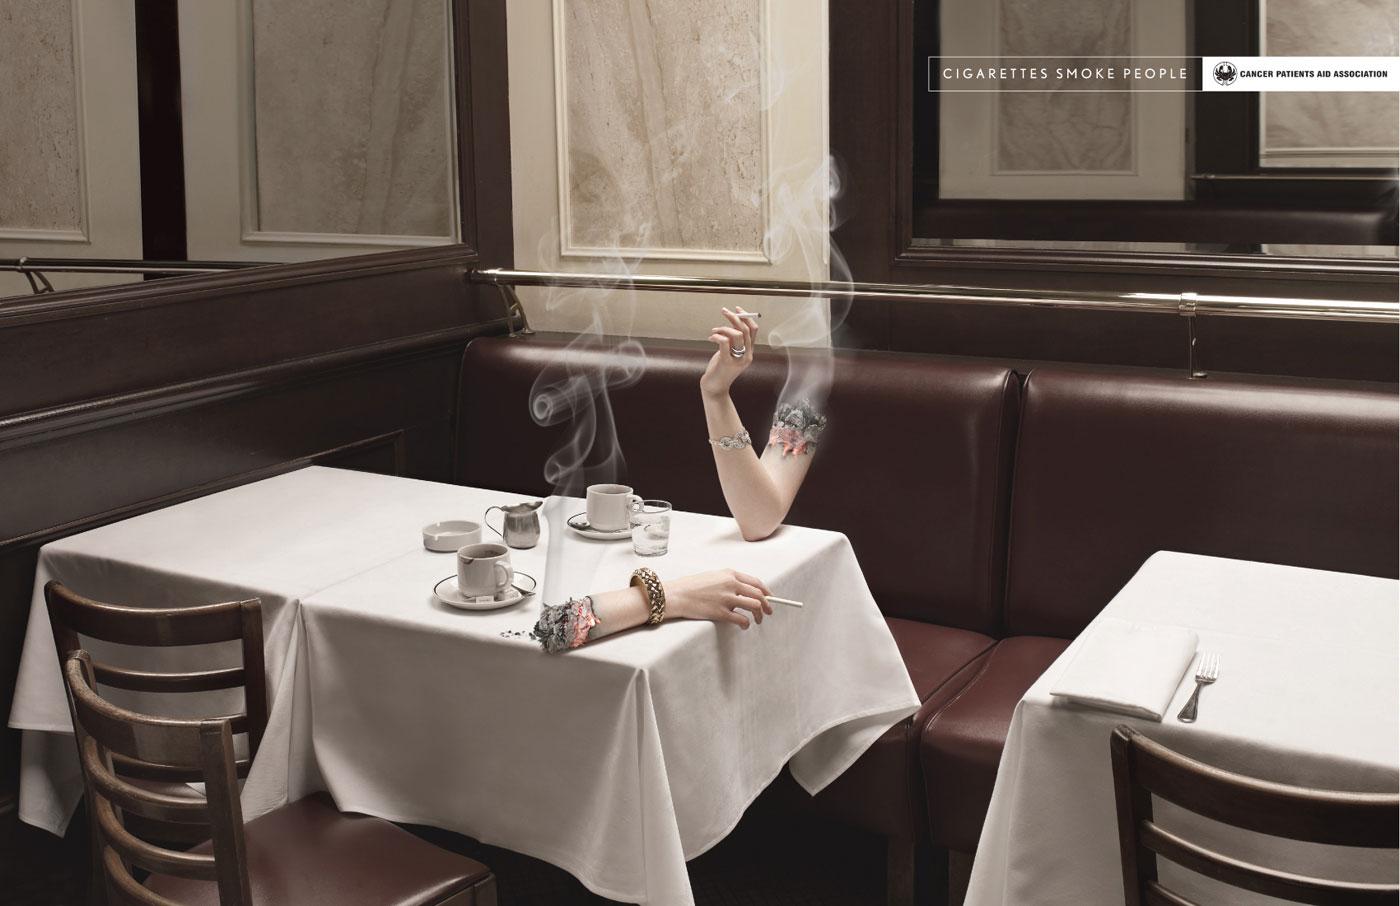 Papierosy palą ludzi